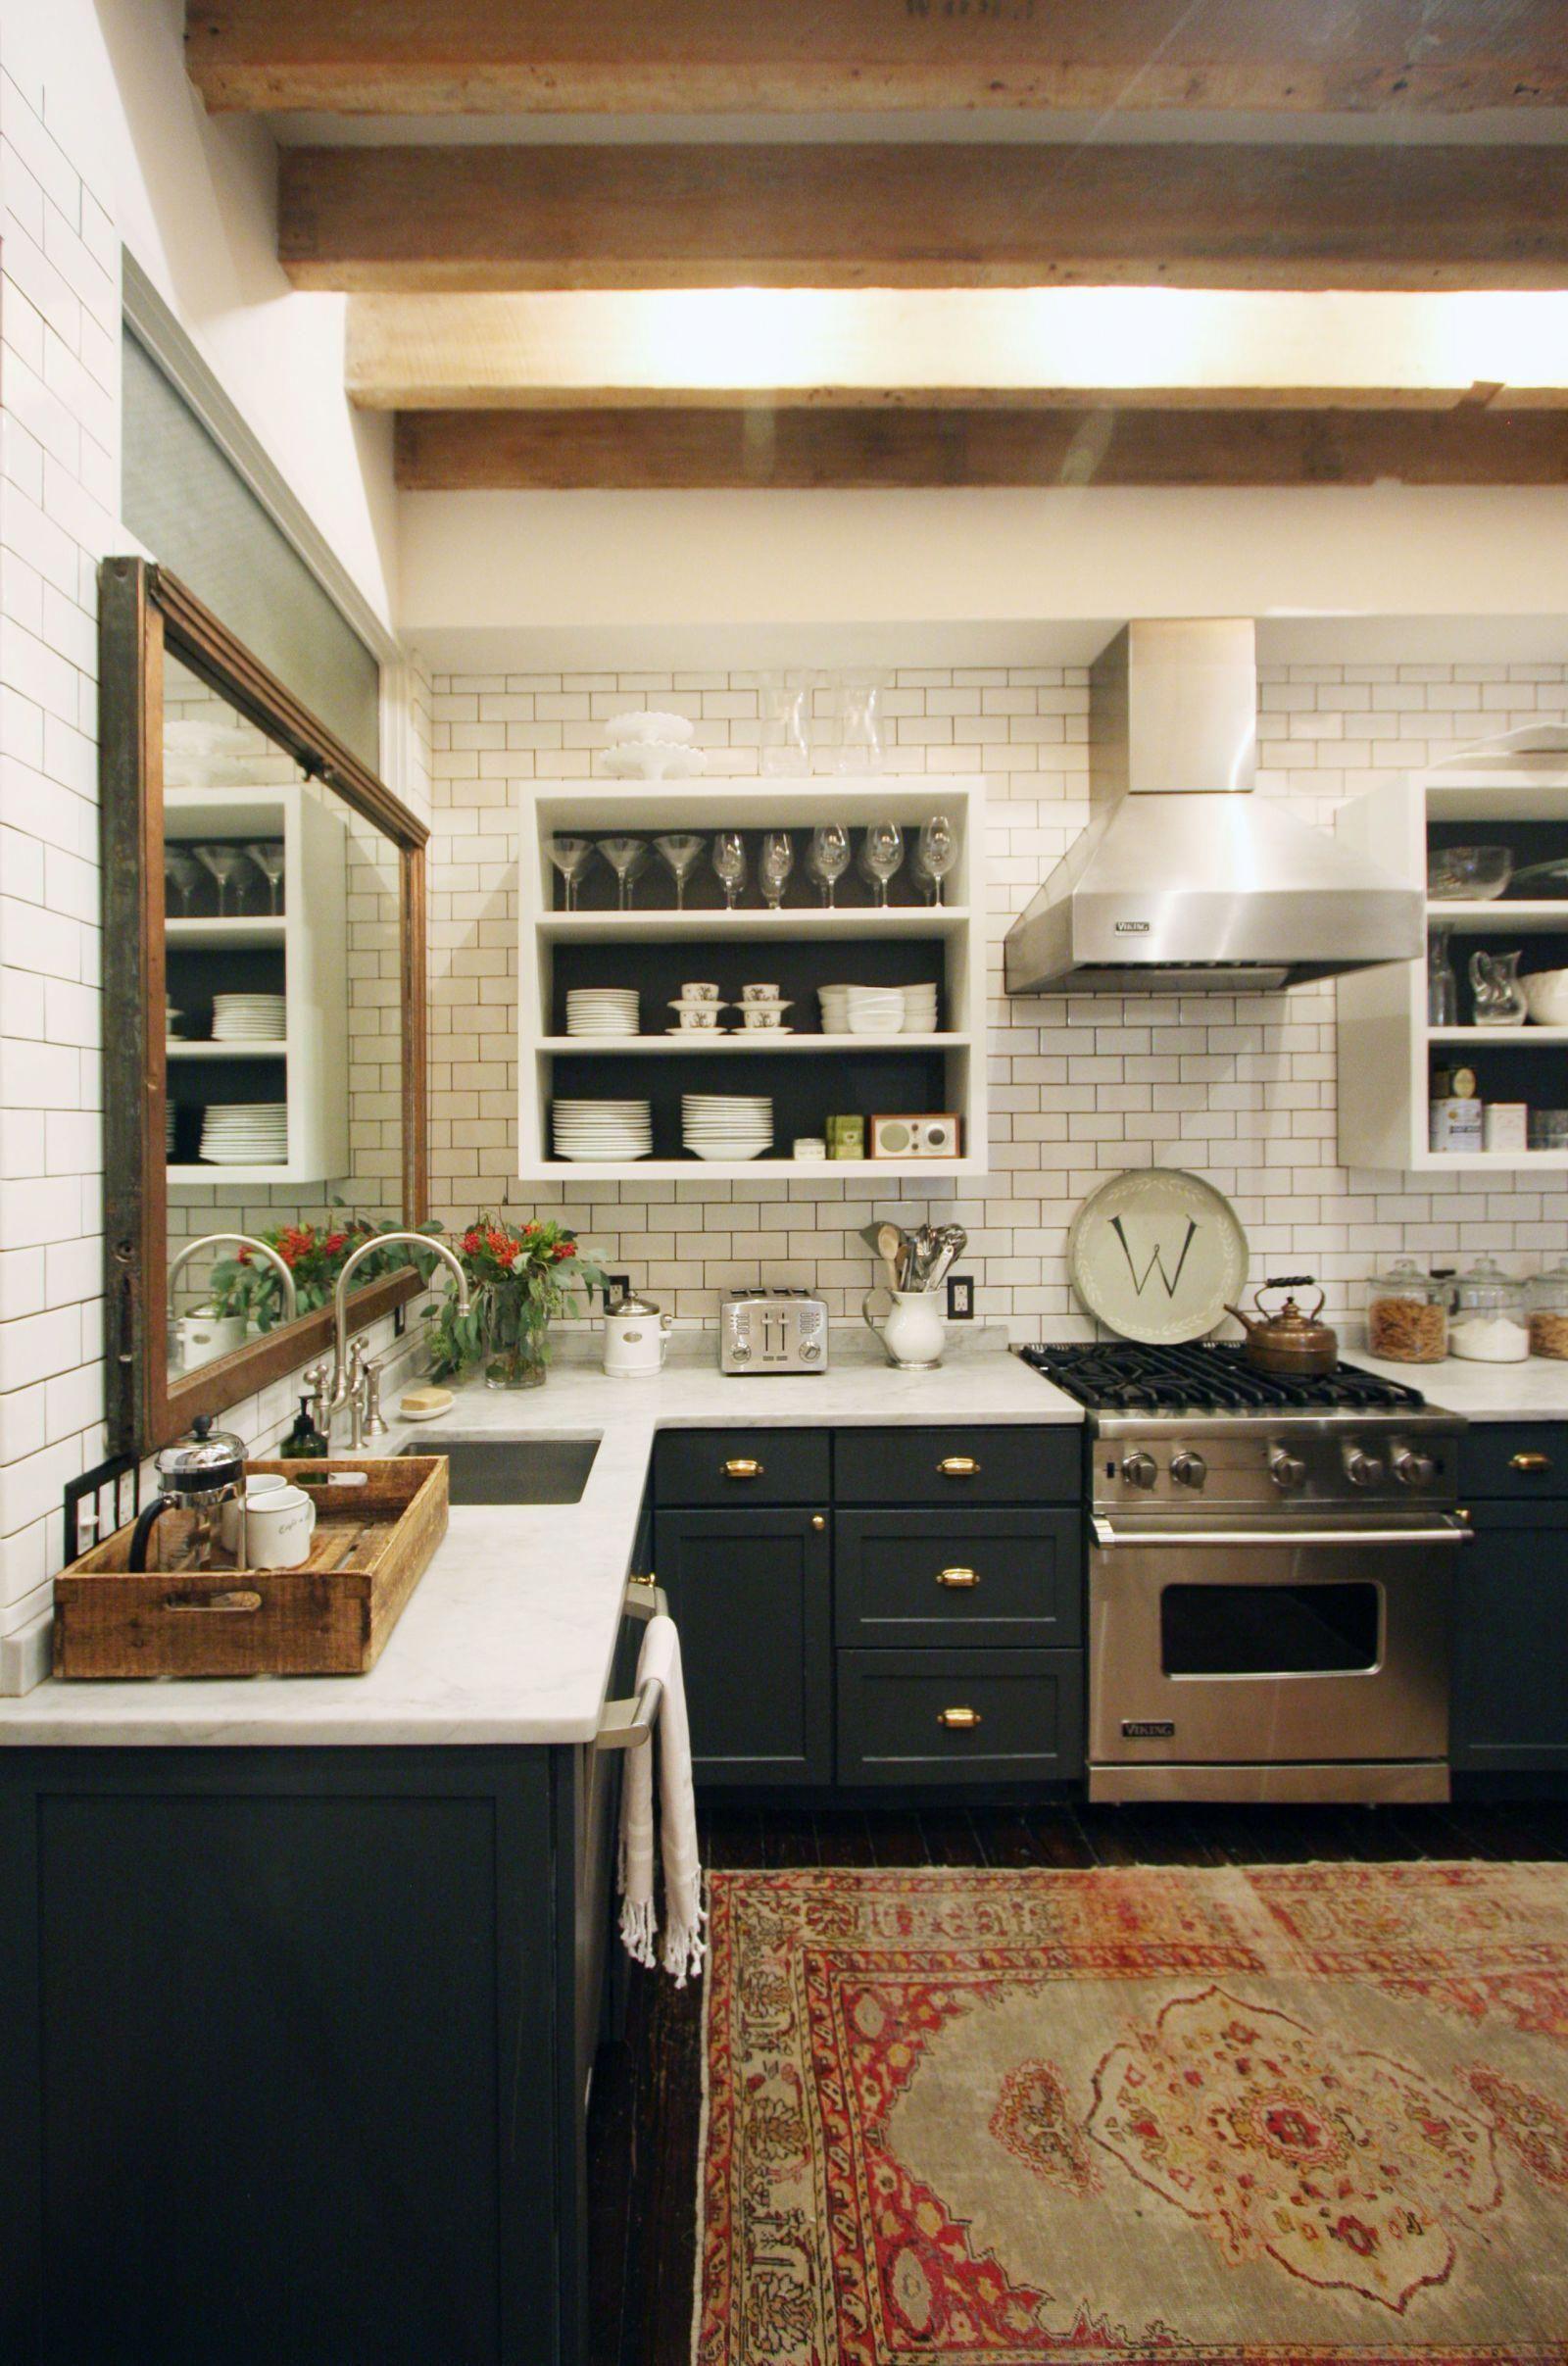 Kitchenessentials design your own kitchen layout kitchenideasremodeling also rh pinterest